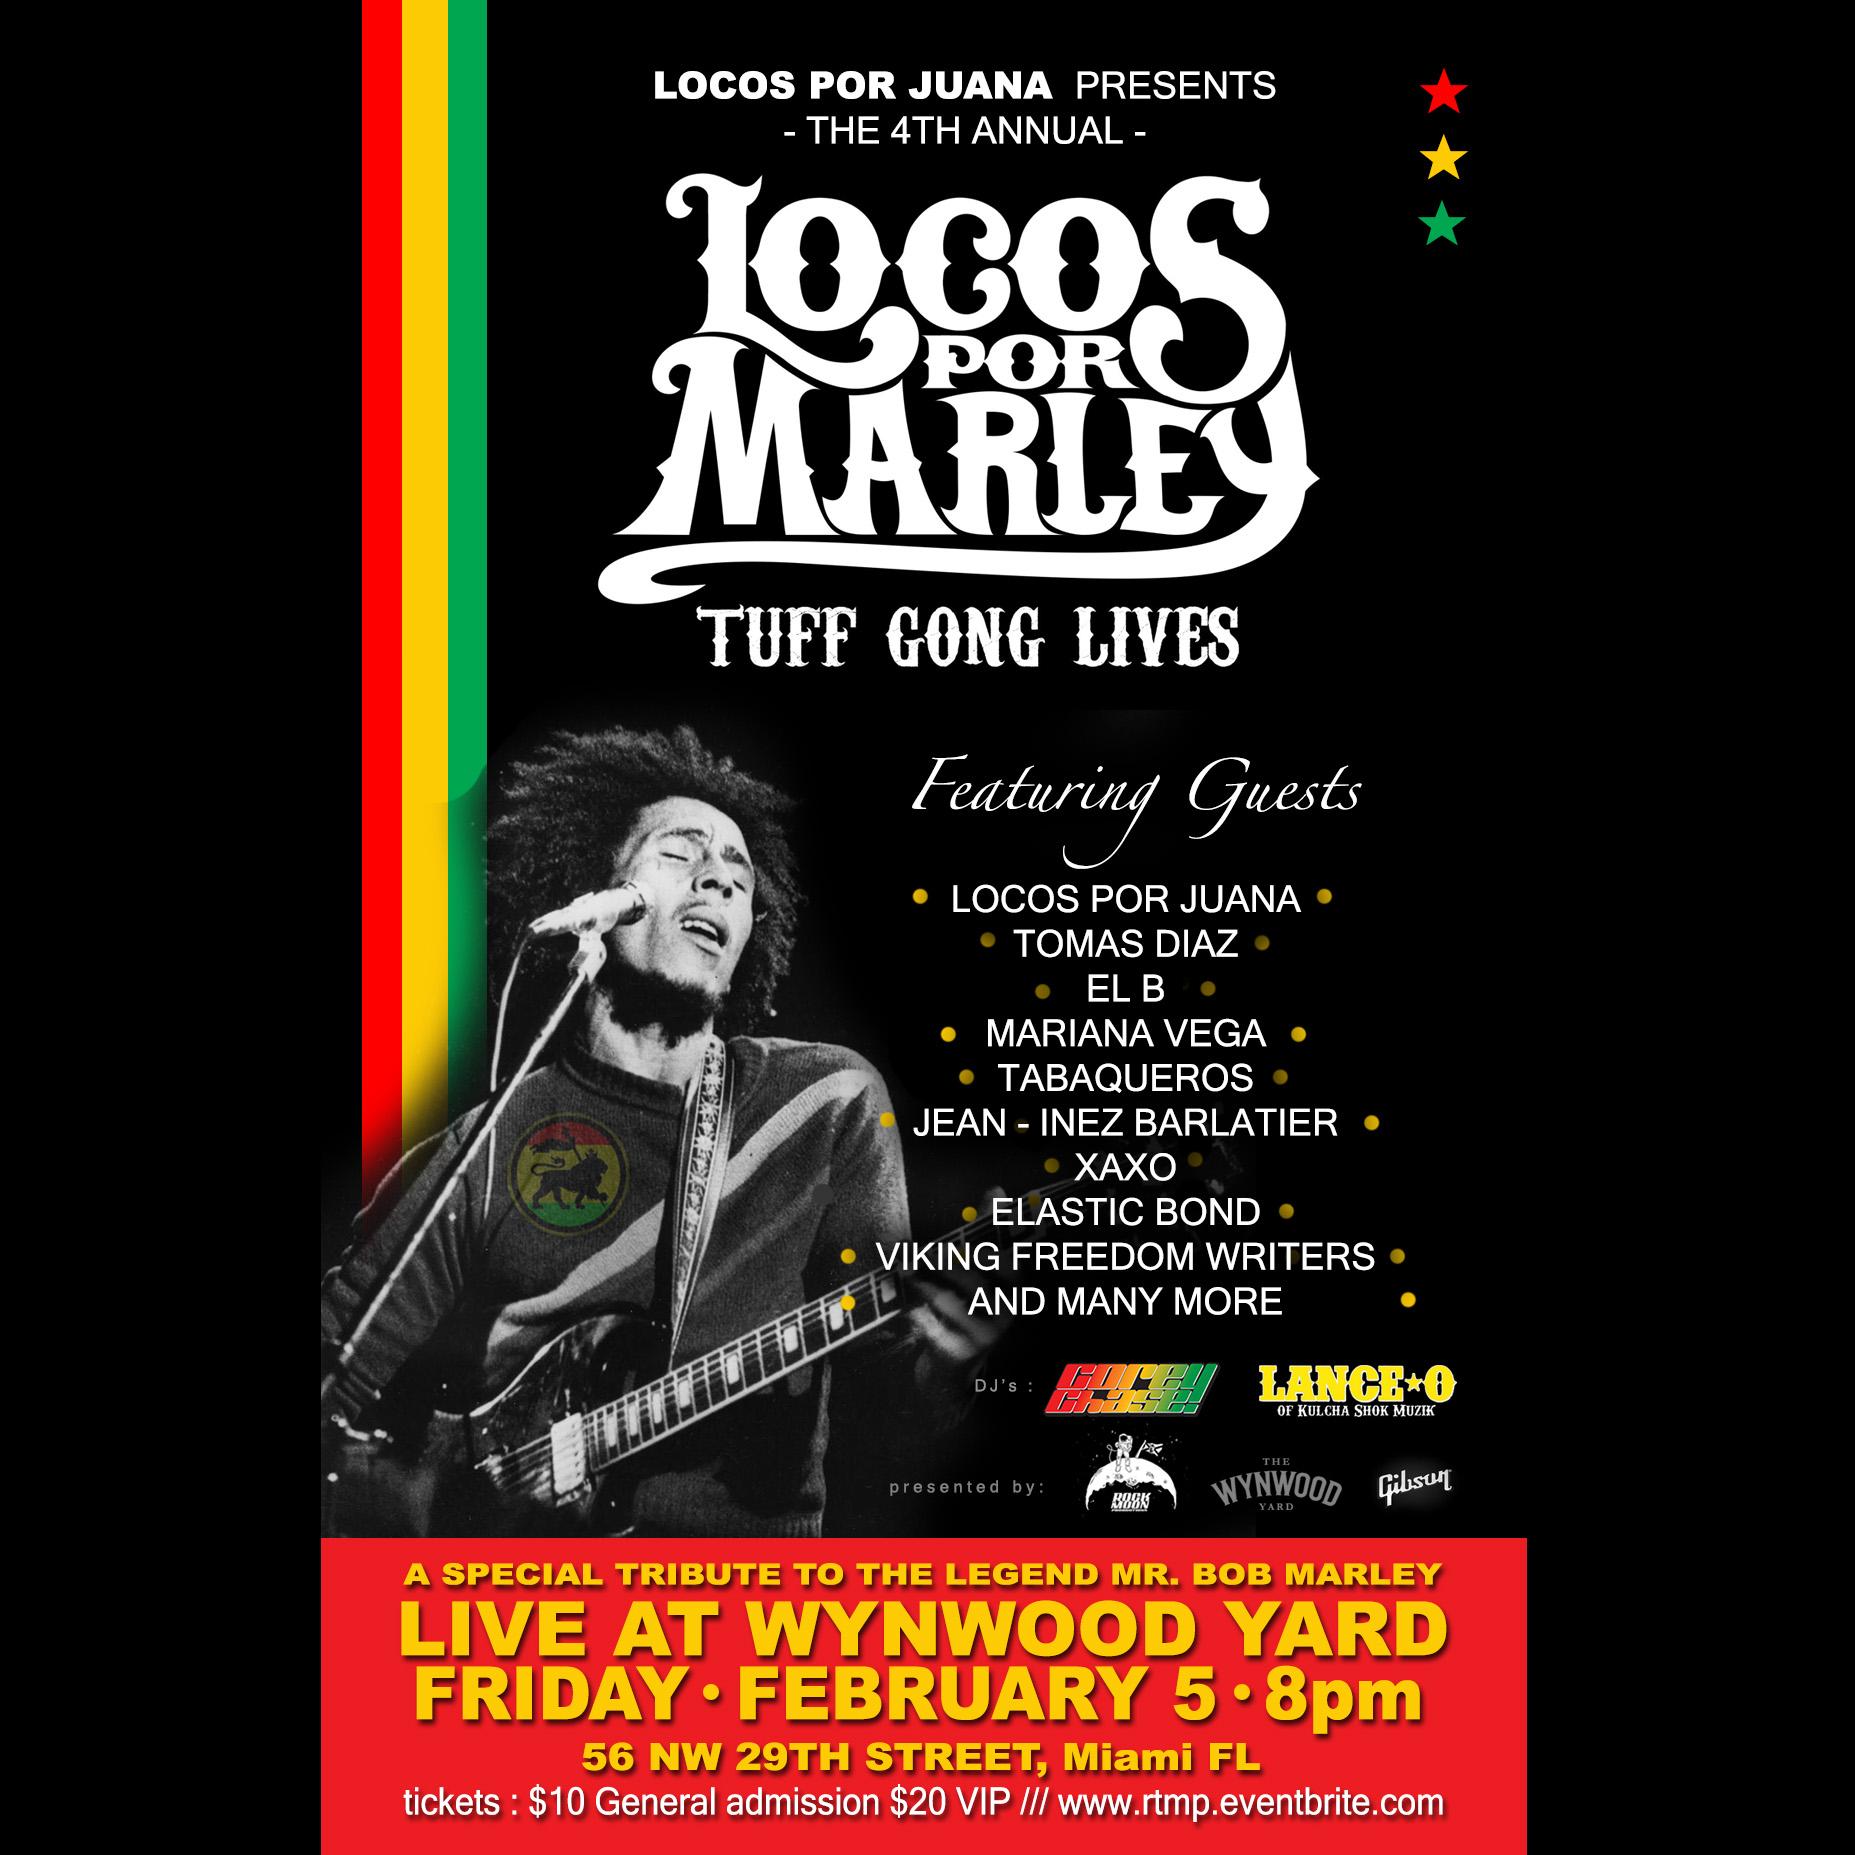 LPJ Marley flyer_square.jpg